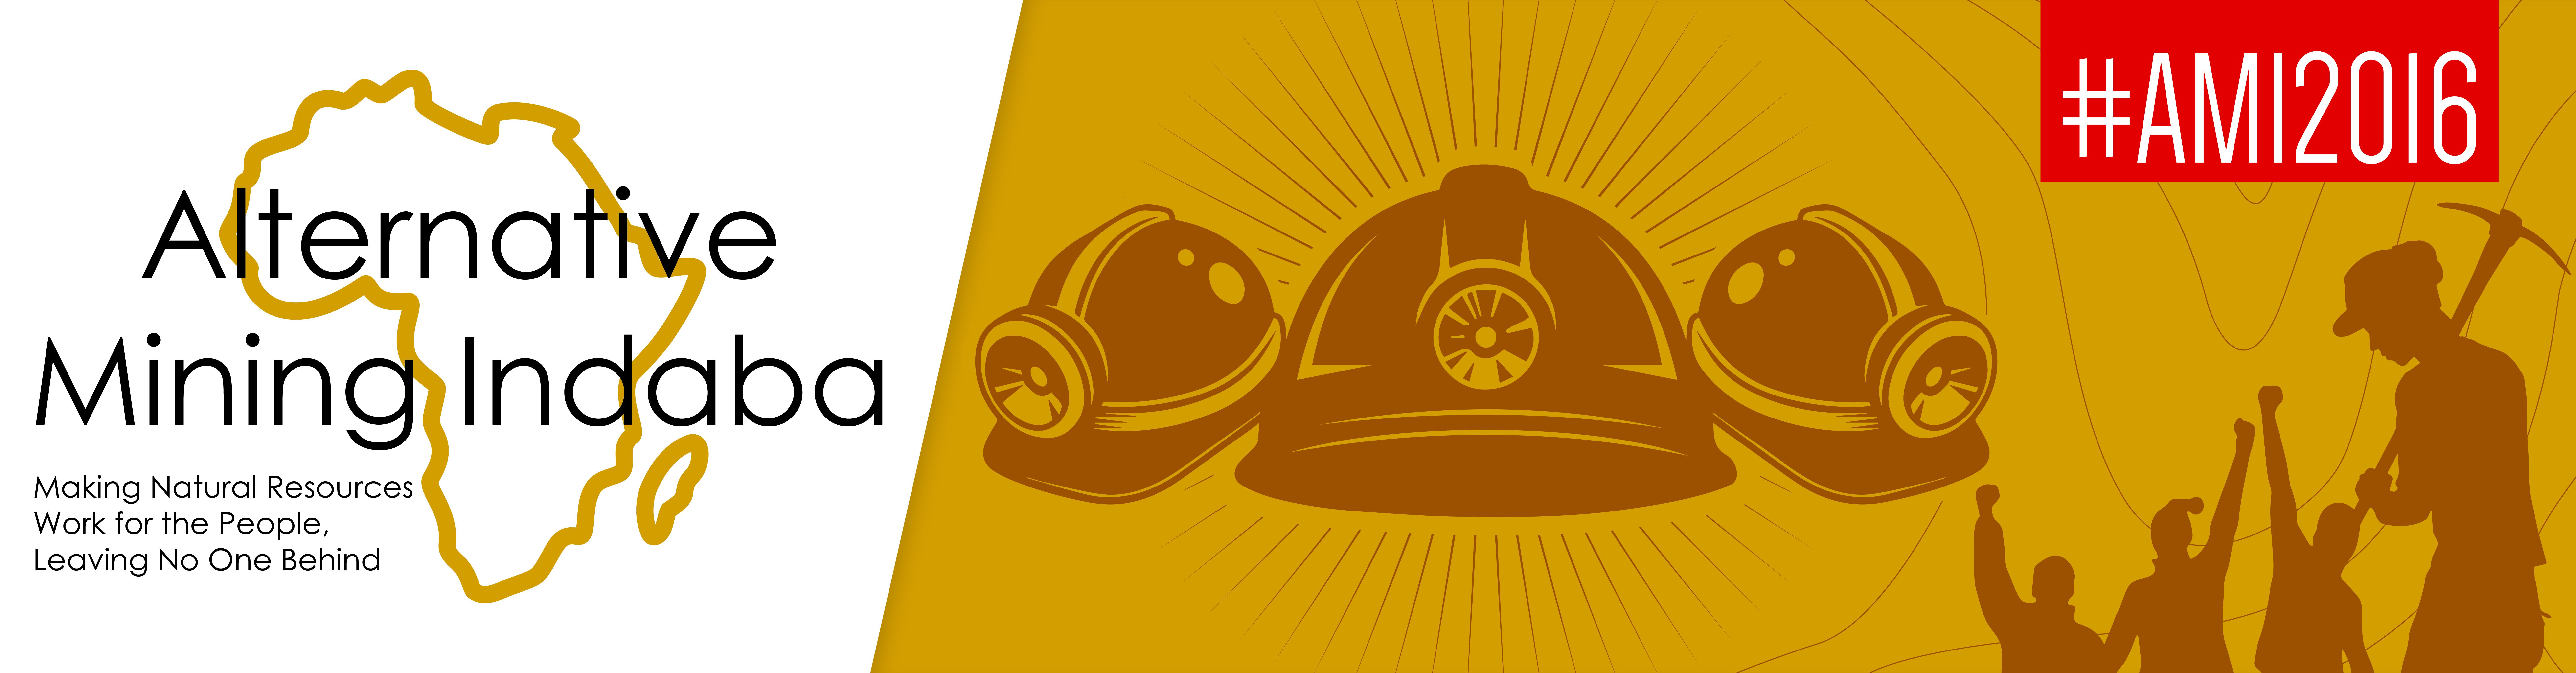 Alternative Mining Indaba 2016